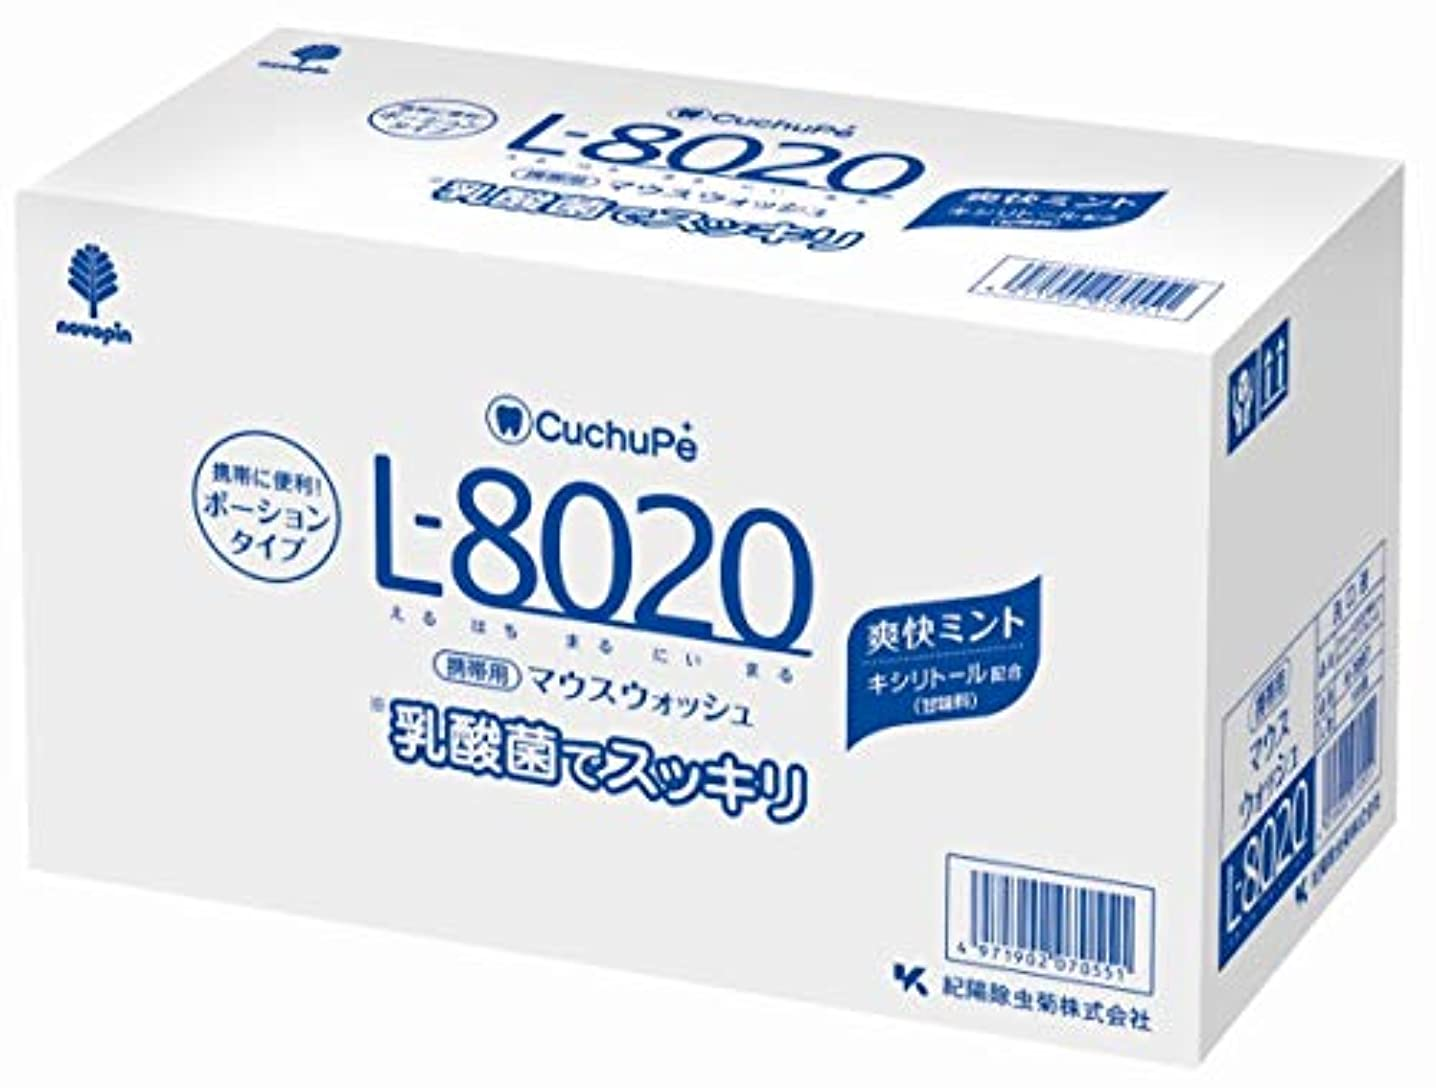 不正北極圏稚魚日本製 made in japan クチュッペL-8020 爽快ミント ポーションタイプ100個入(アルコール) K-7097【まとめ買い10個セット】